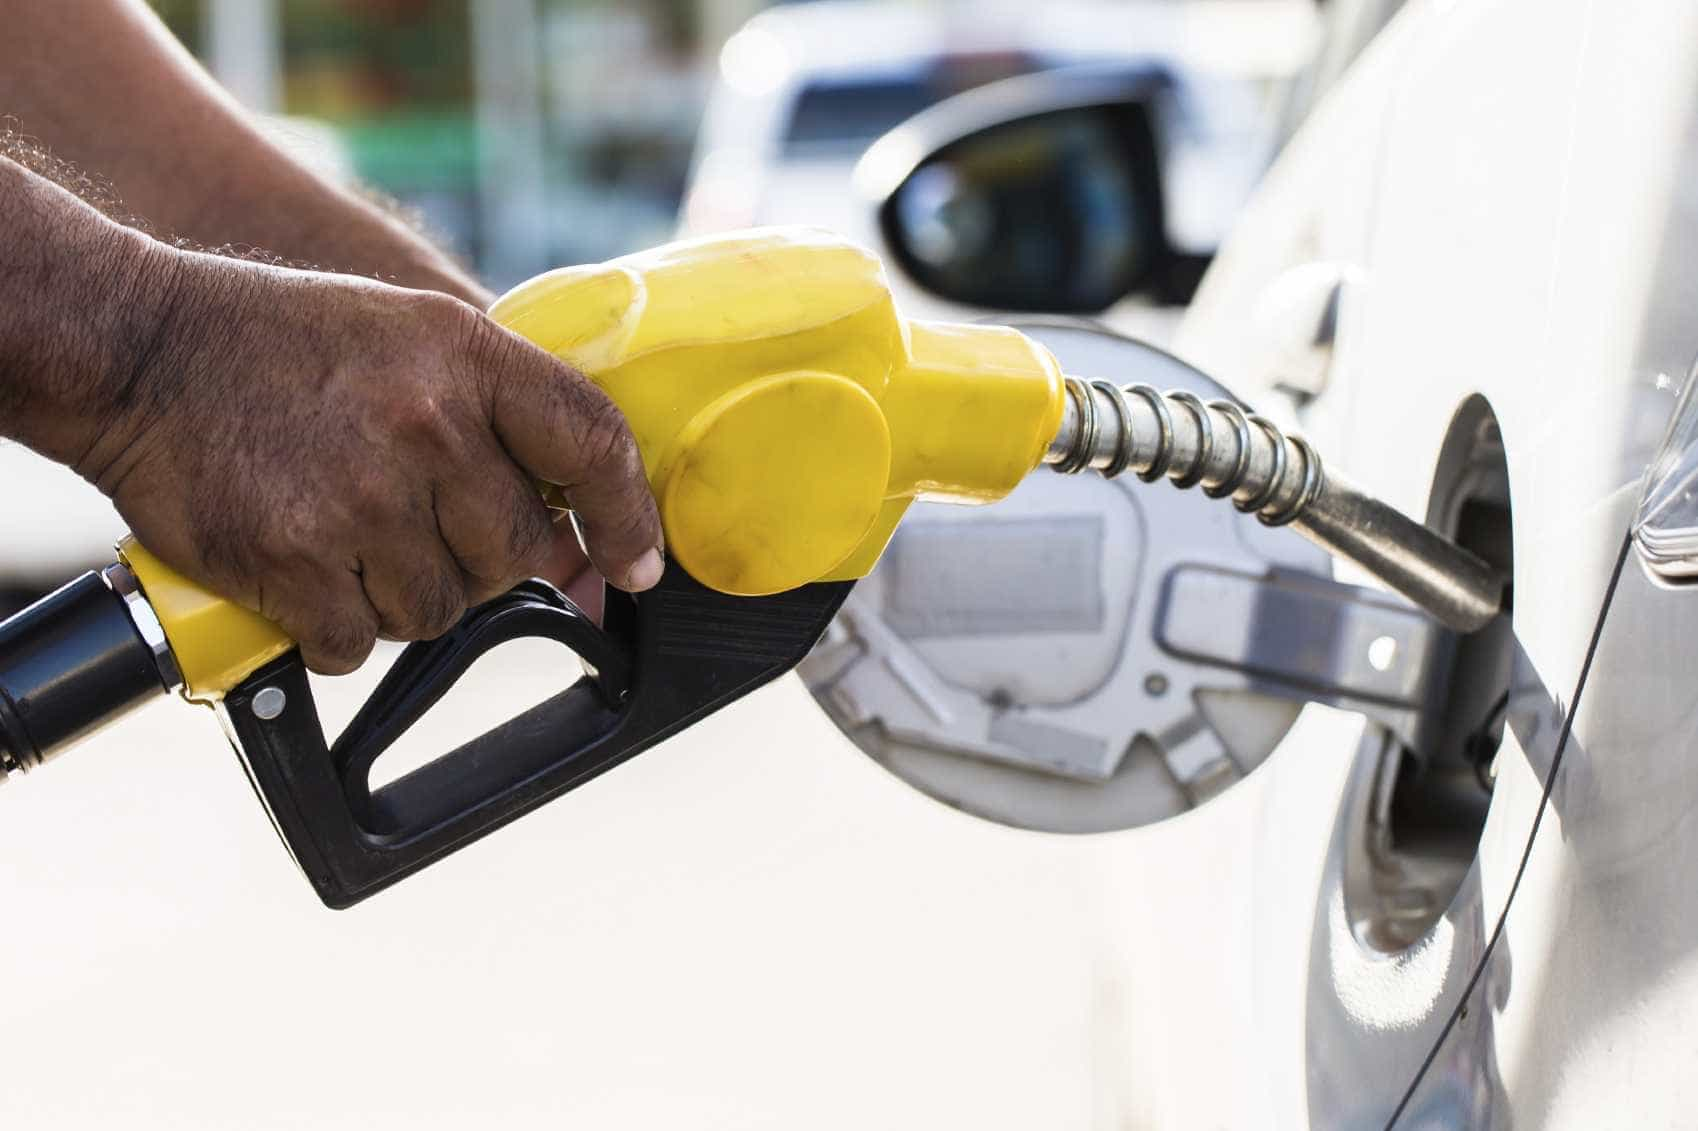 Gasolina volta a ficar mais cara na segunda-feira. E o gasóleo?